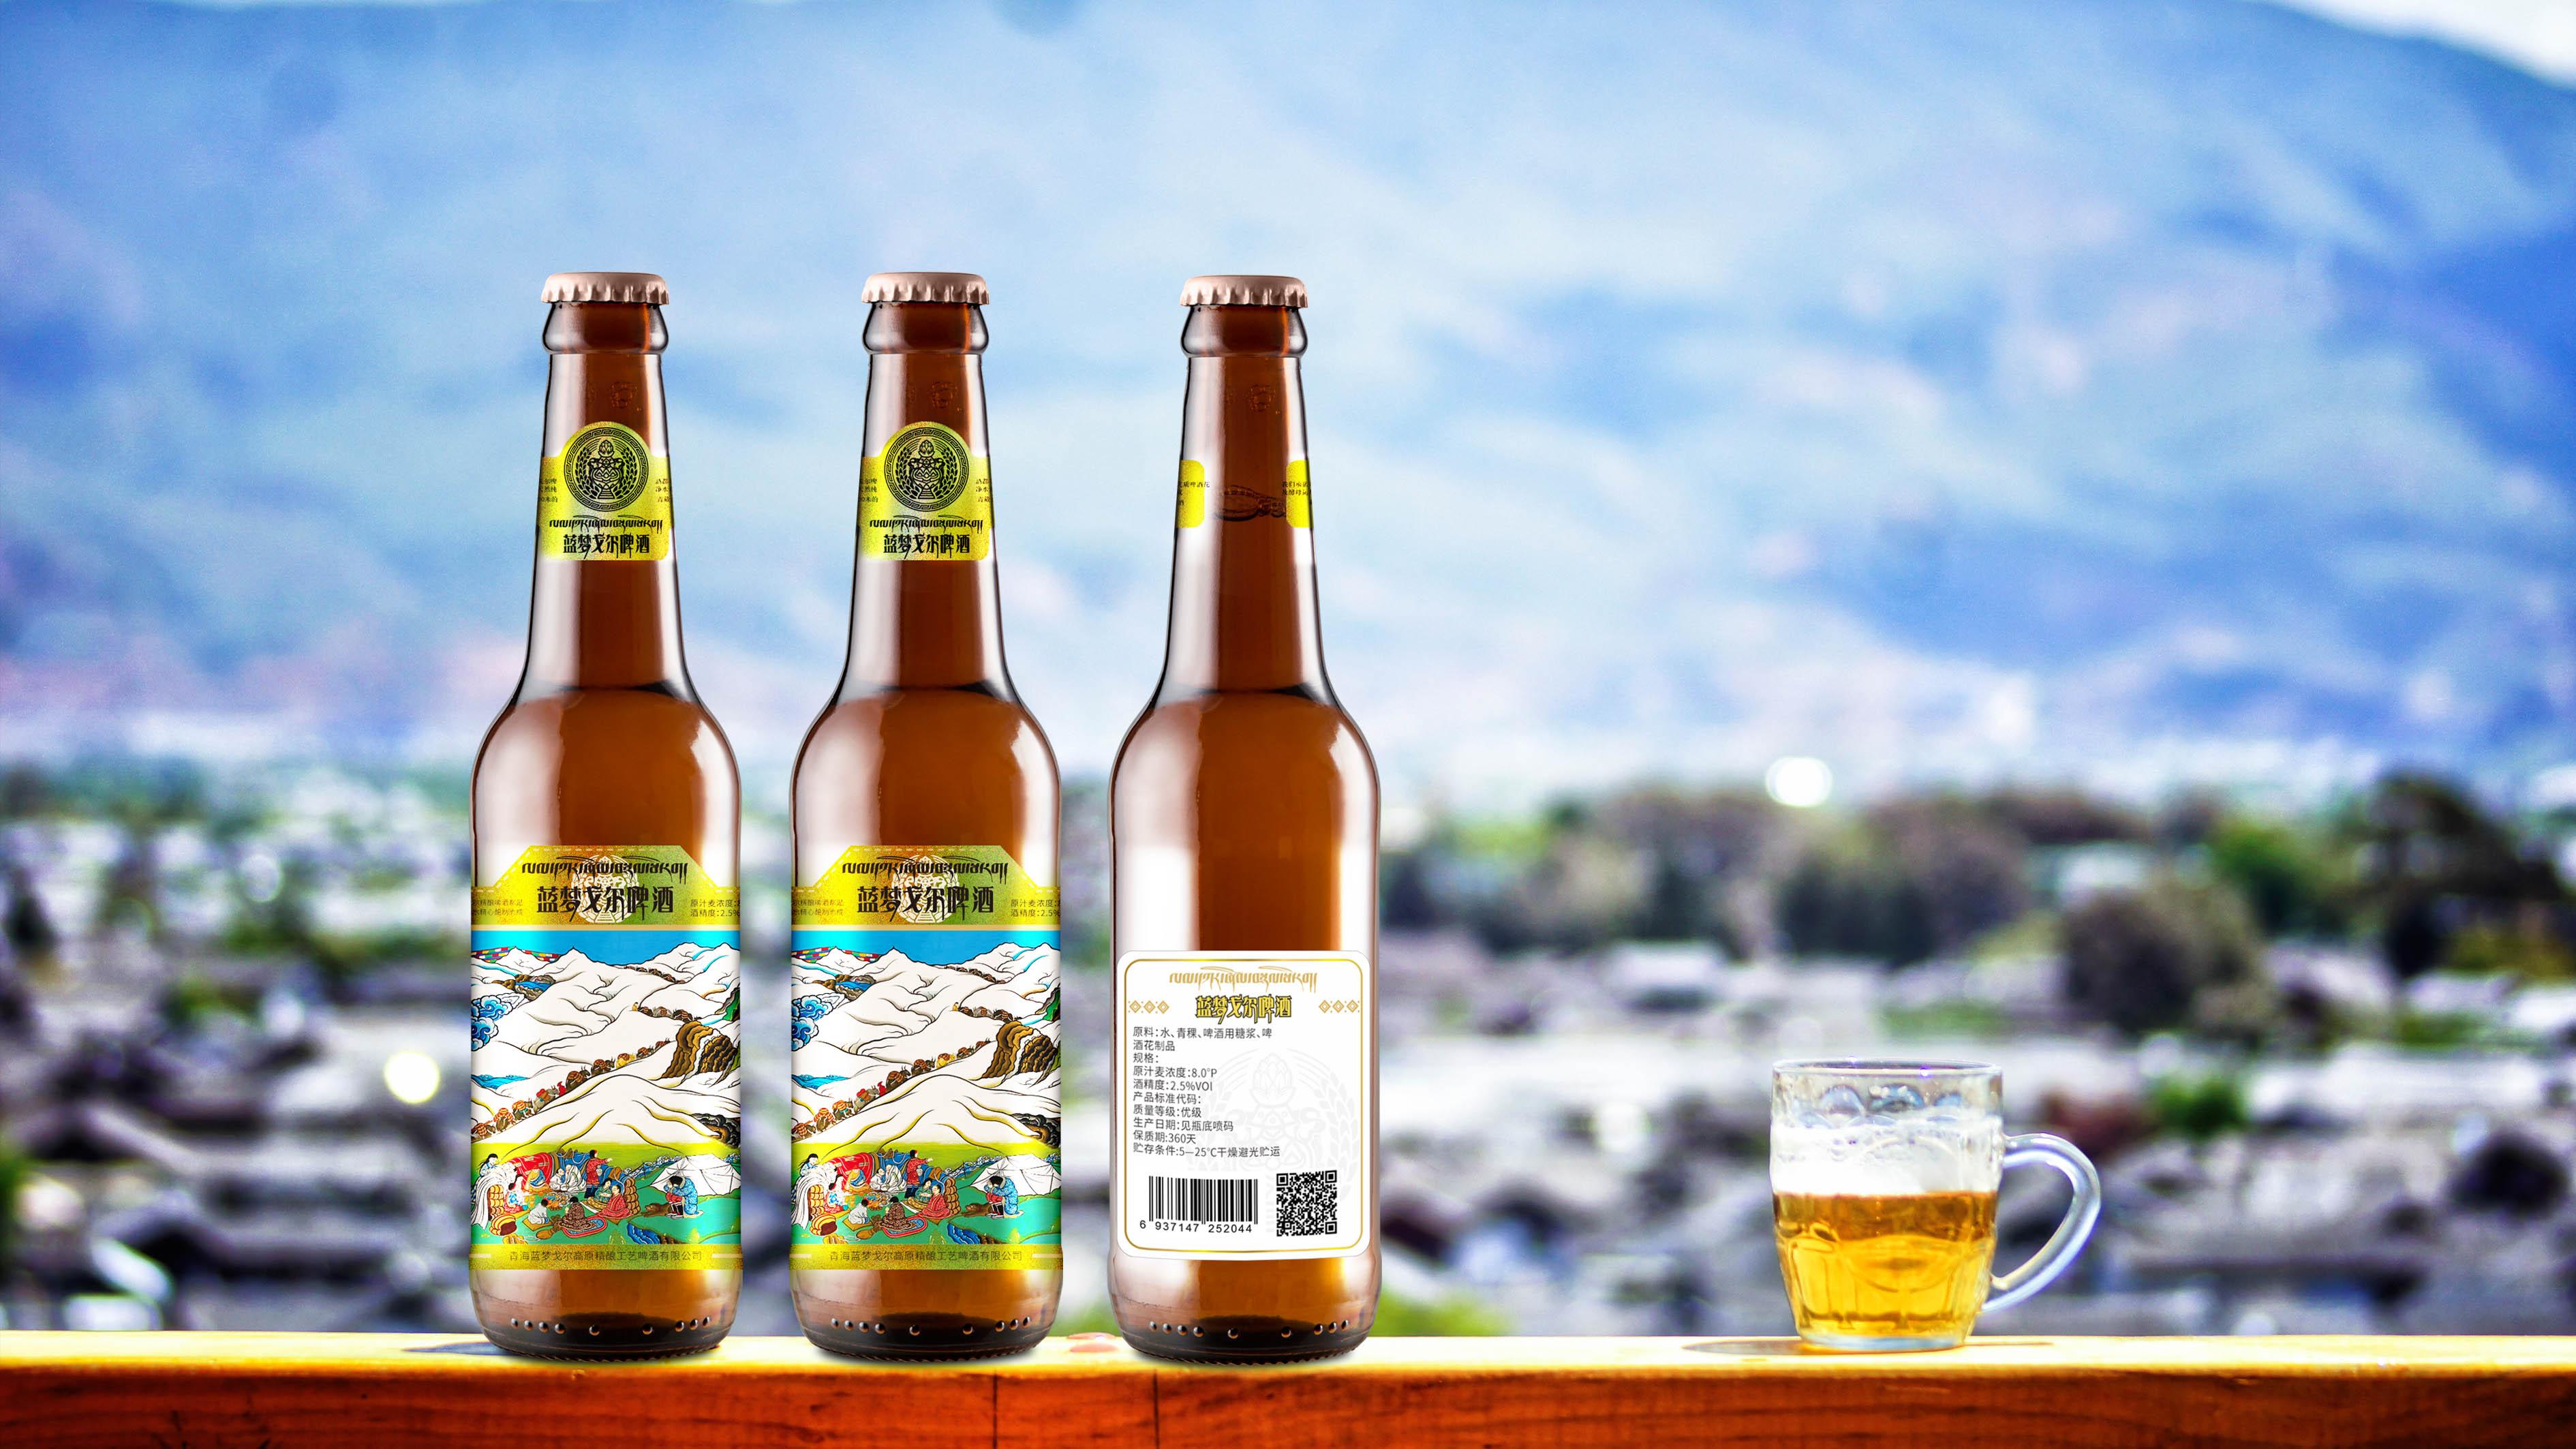 蓝梦戈尔啤酒品牌包装设计